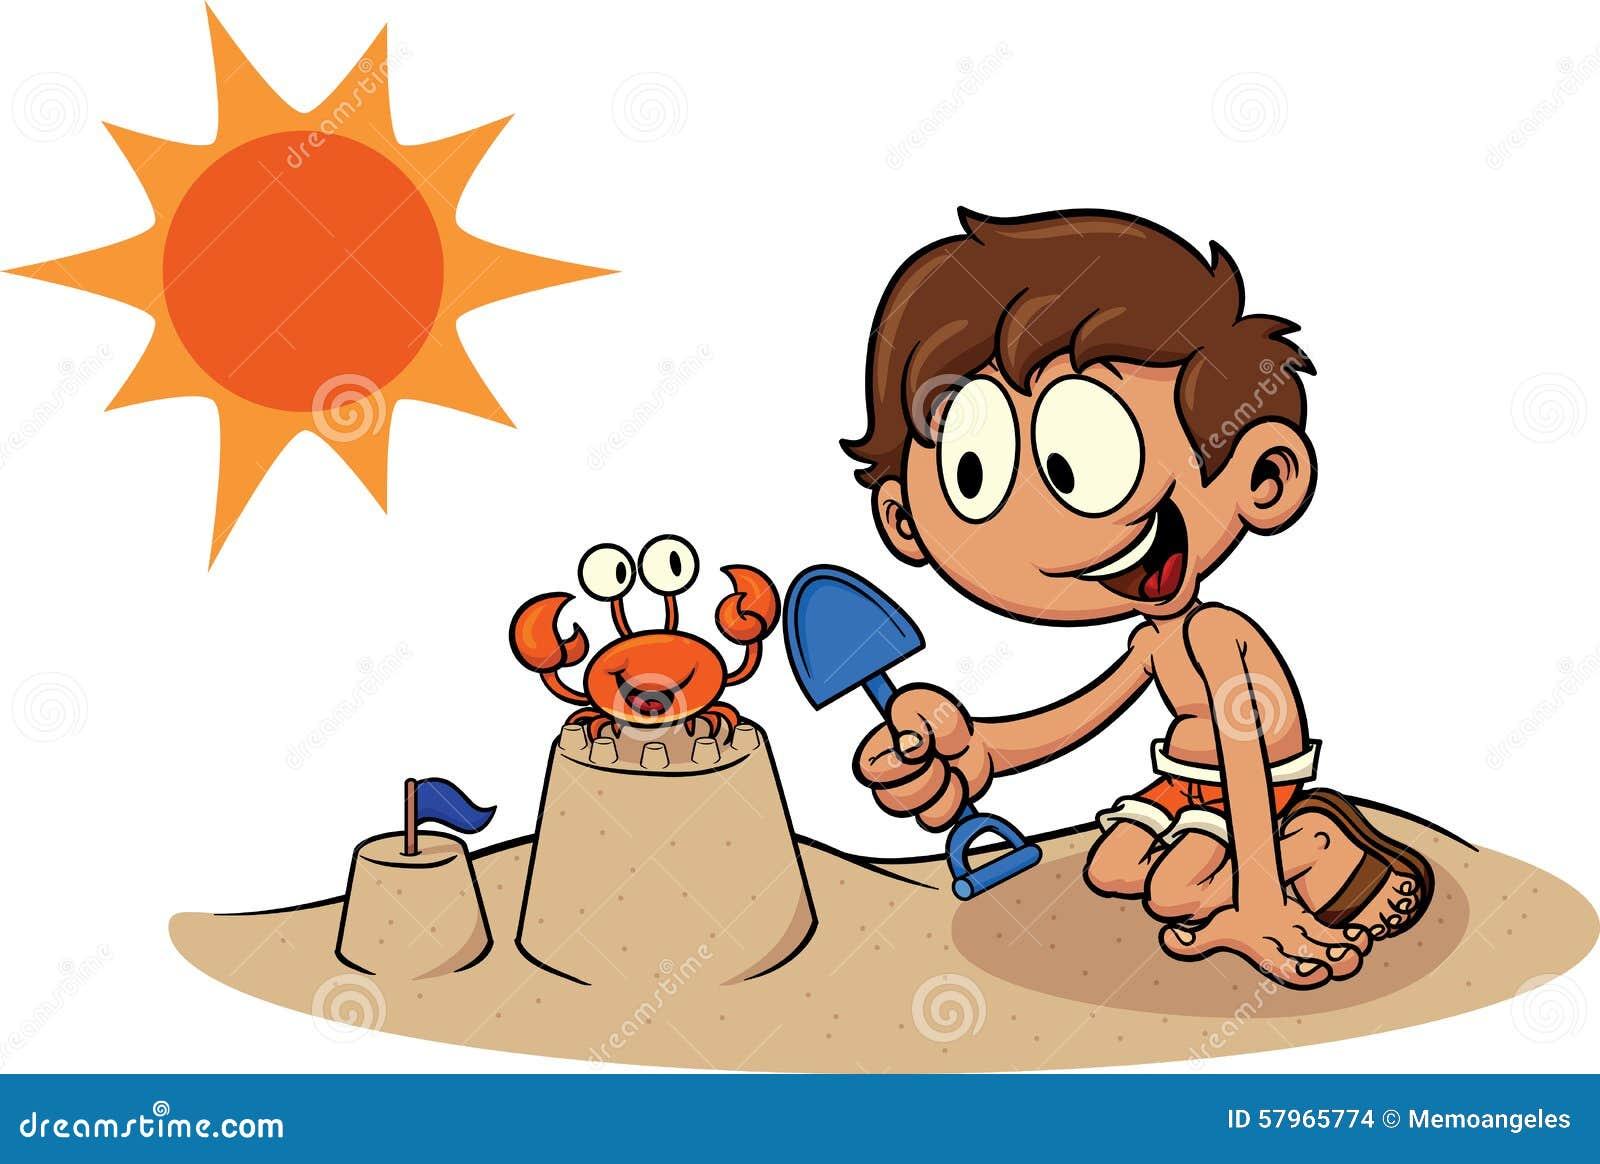 Sandburg clipart  Kind, Das Ein Sandburg Errichtet Vektor Abbildung - Bild: 57965774